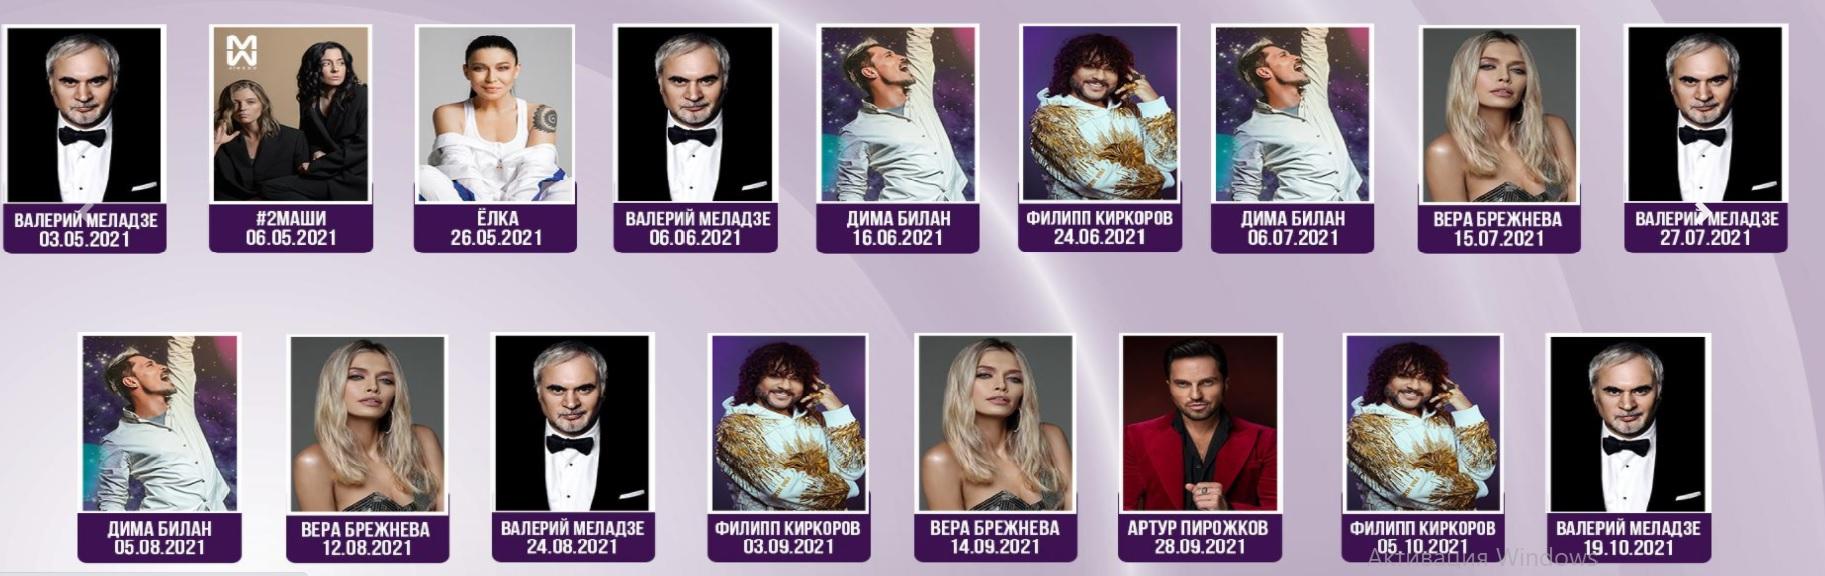 jконцерты в Турции 2021